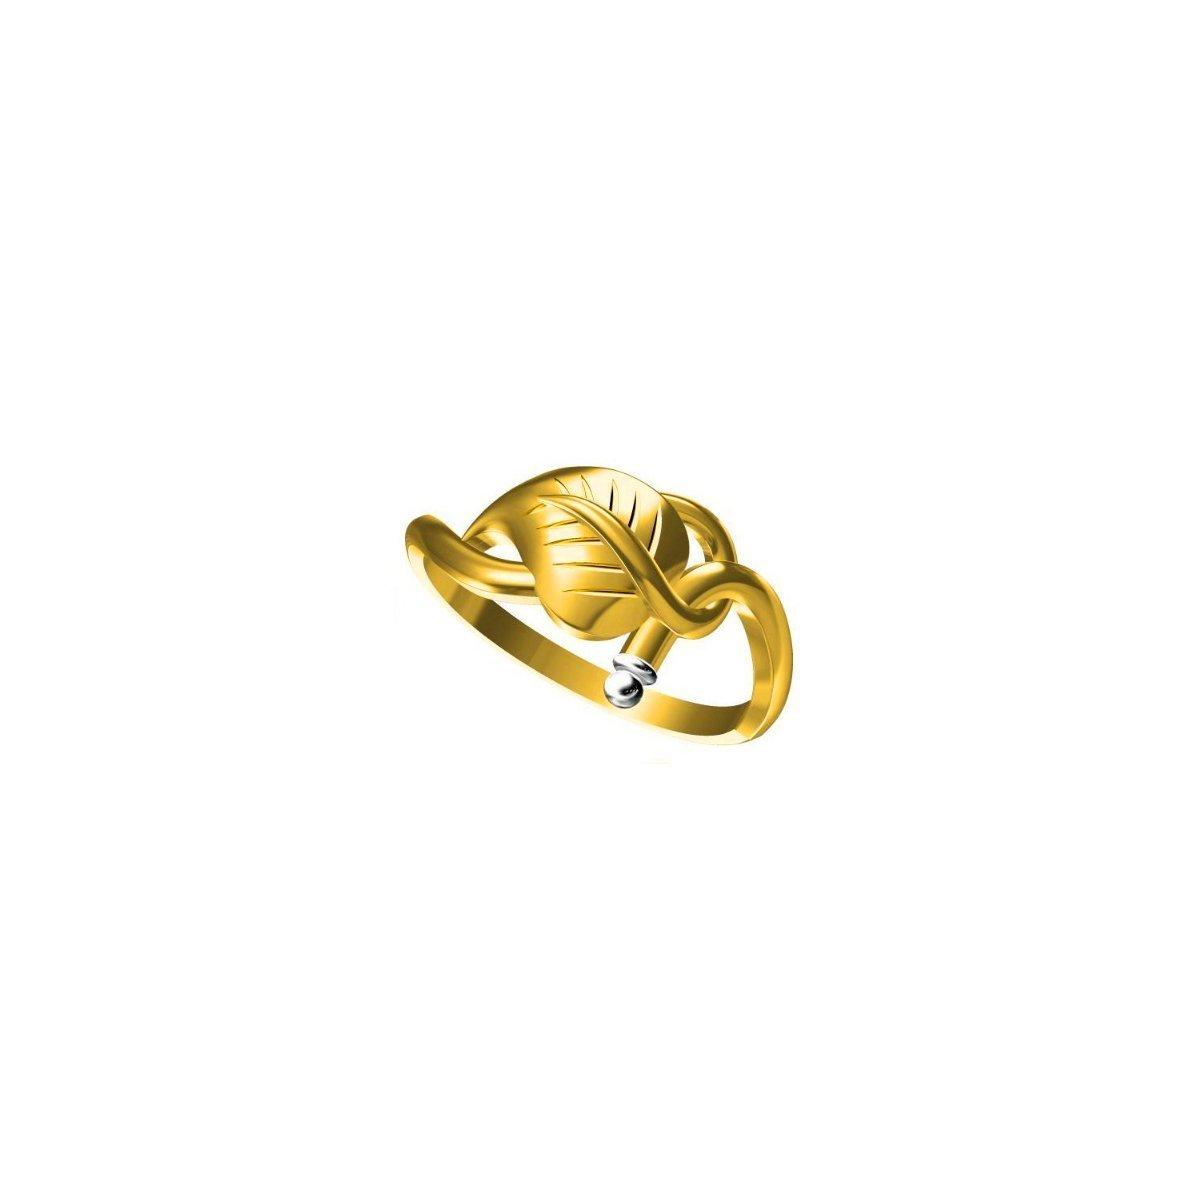 Petals Gold Ring